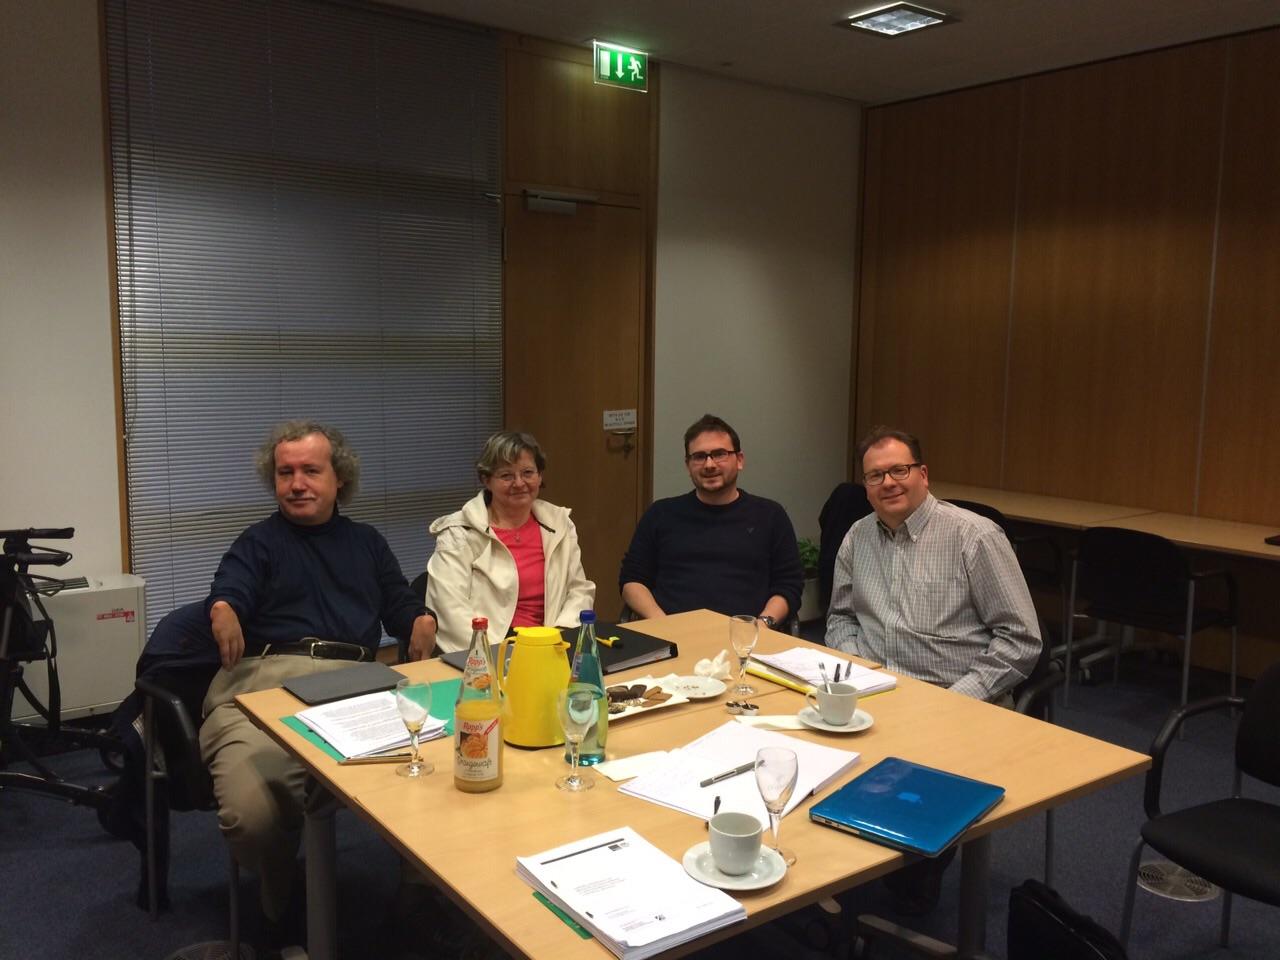 BMAS-Arbeitsgruppe an einem Tisch